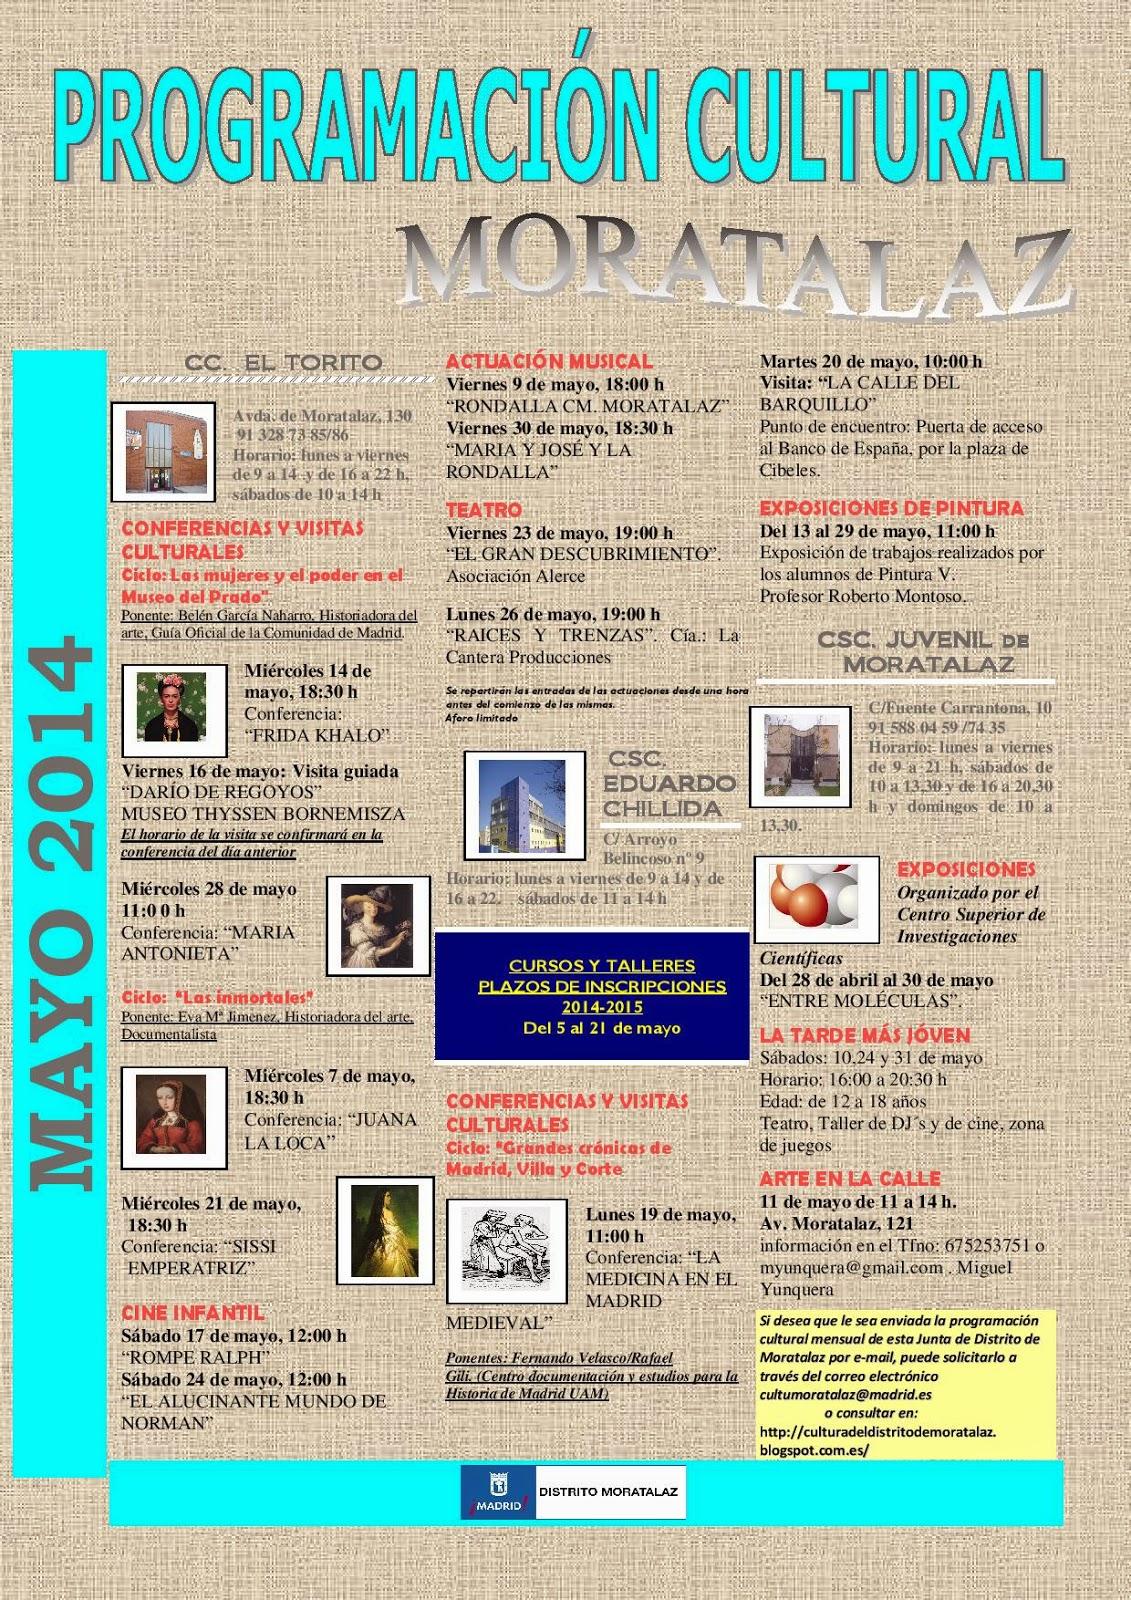 Programación cultural del Distrito de Moratalaz.